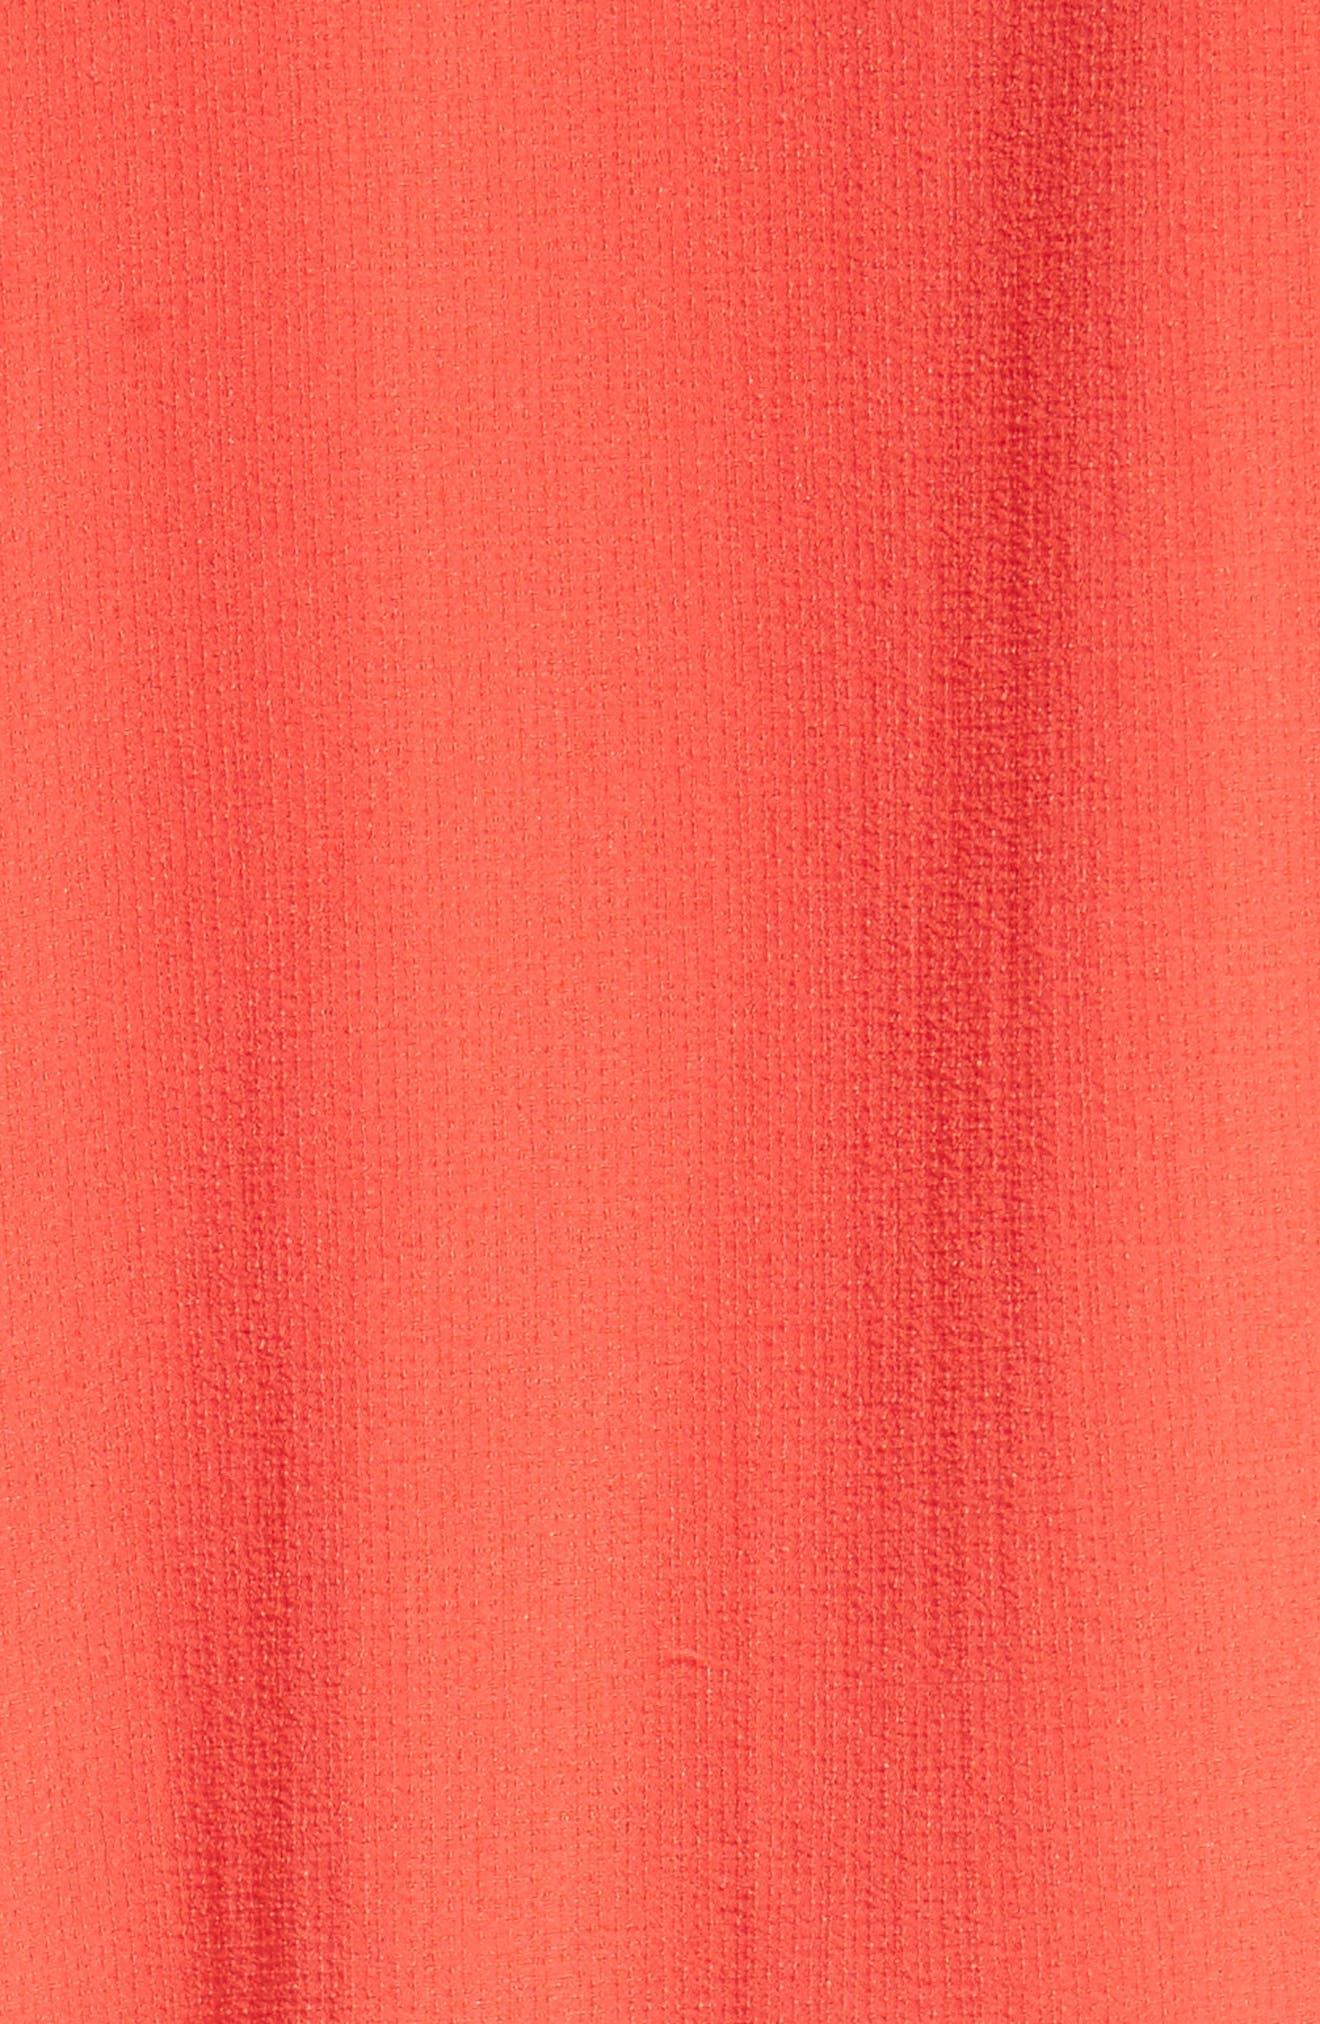 Aulani Shift Dress,                             Alternate thumbnail 6, color,                             600